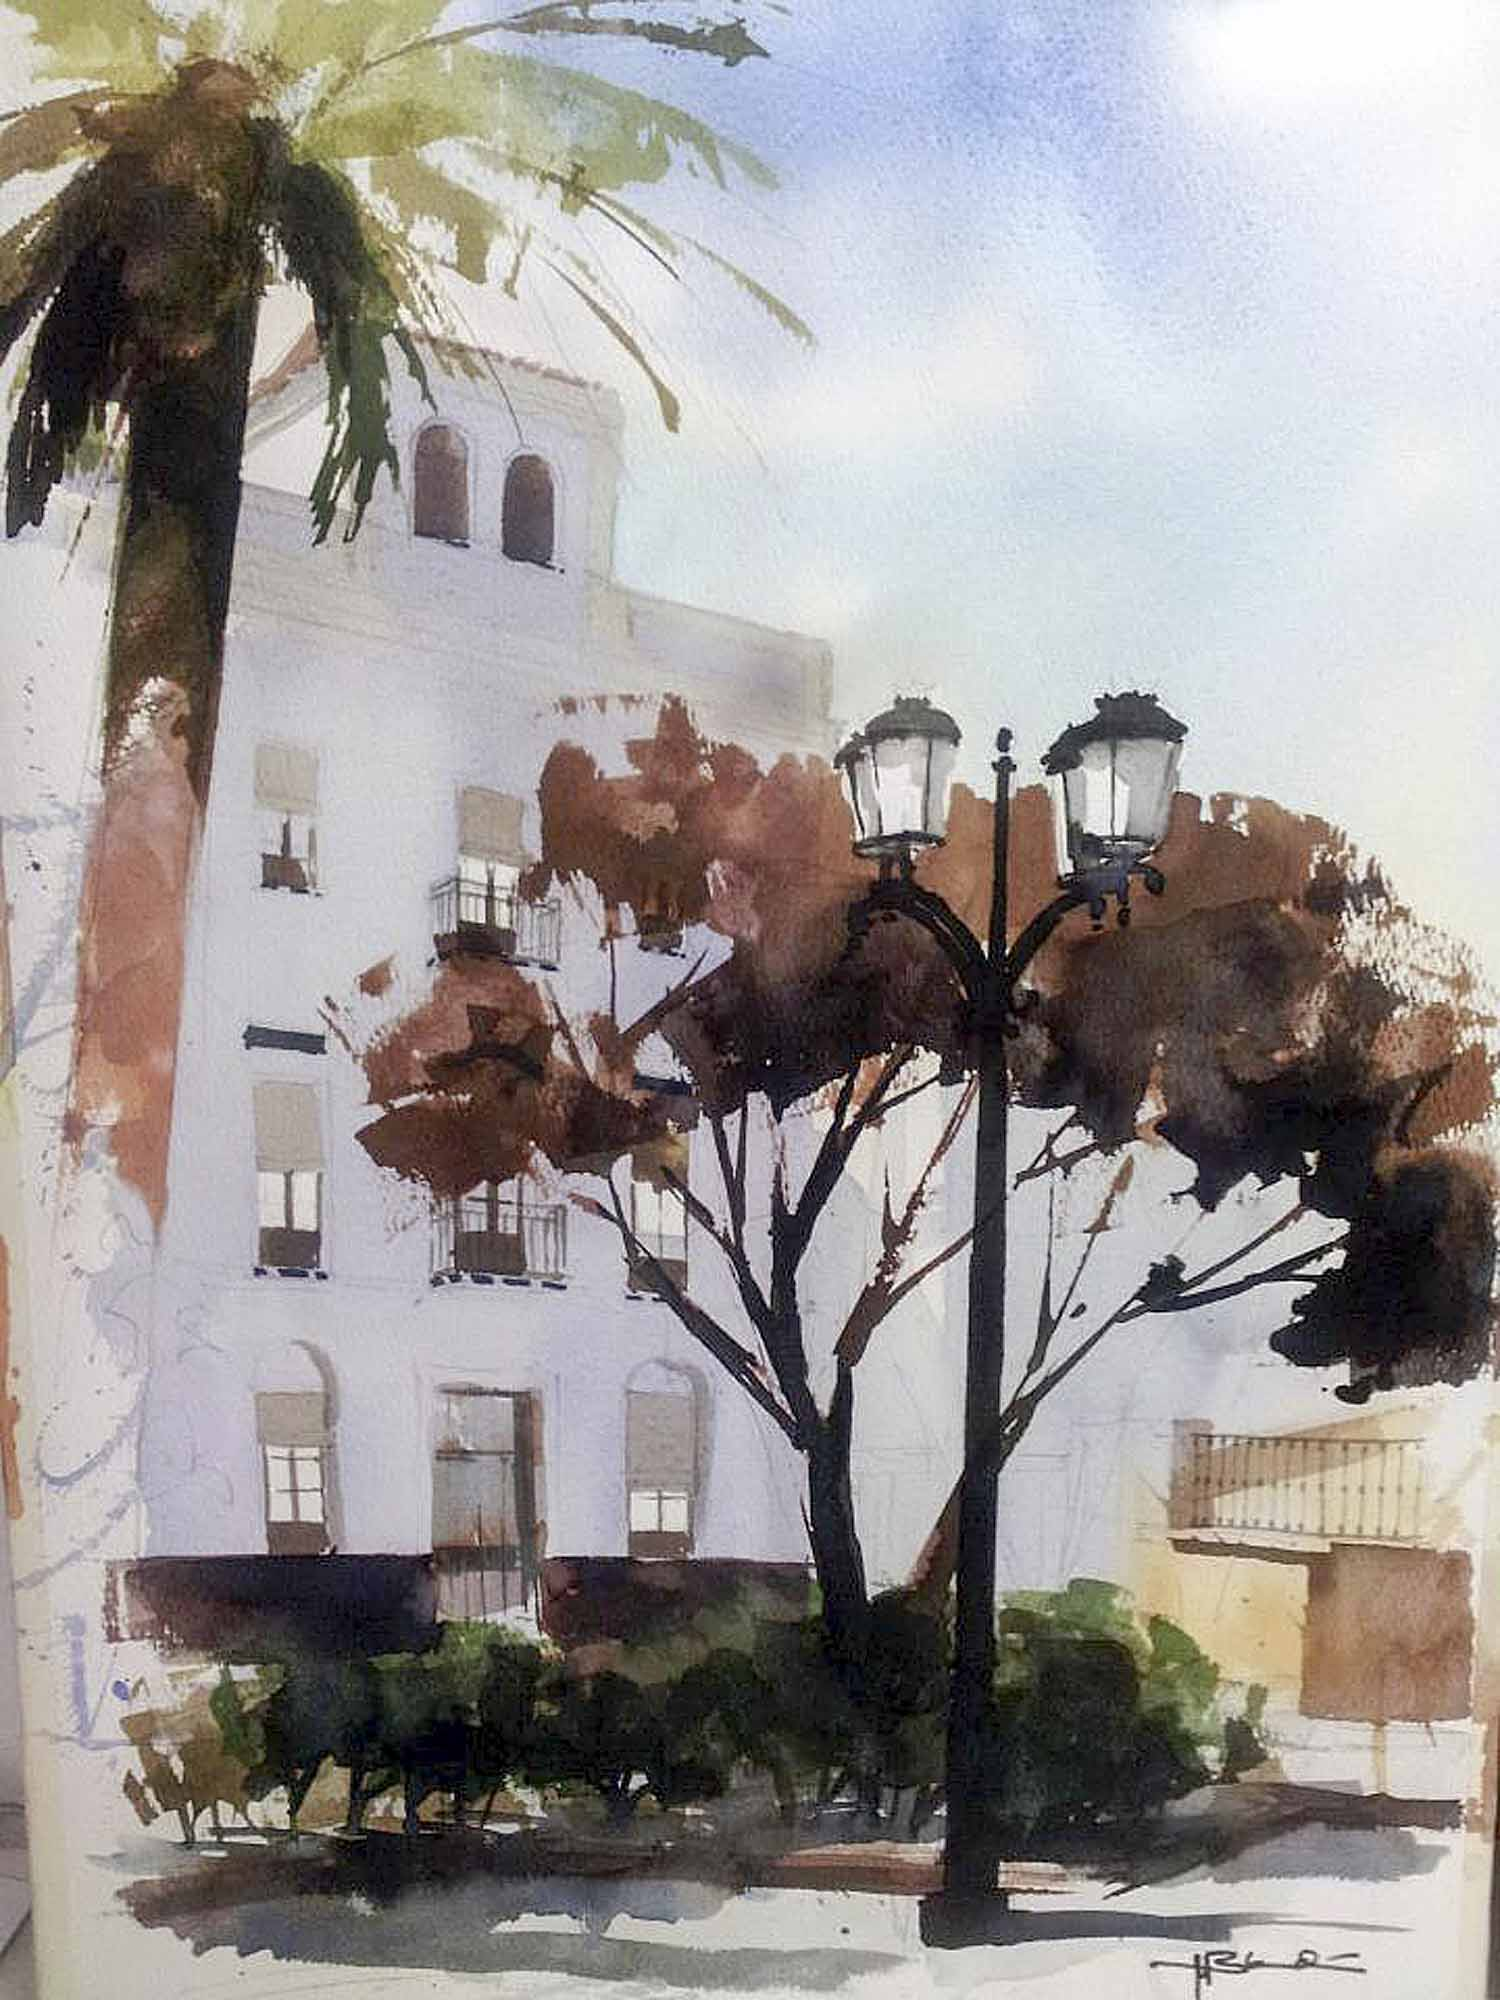 Plaza de San Pedro - Huelva